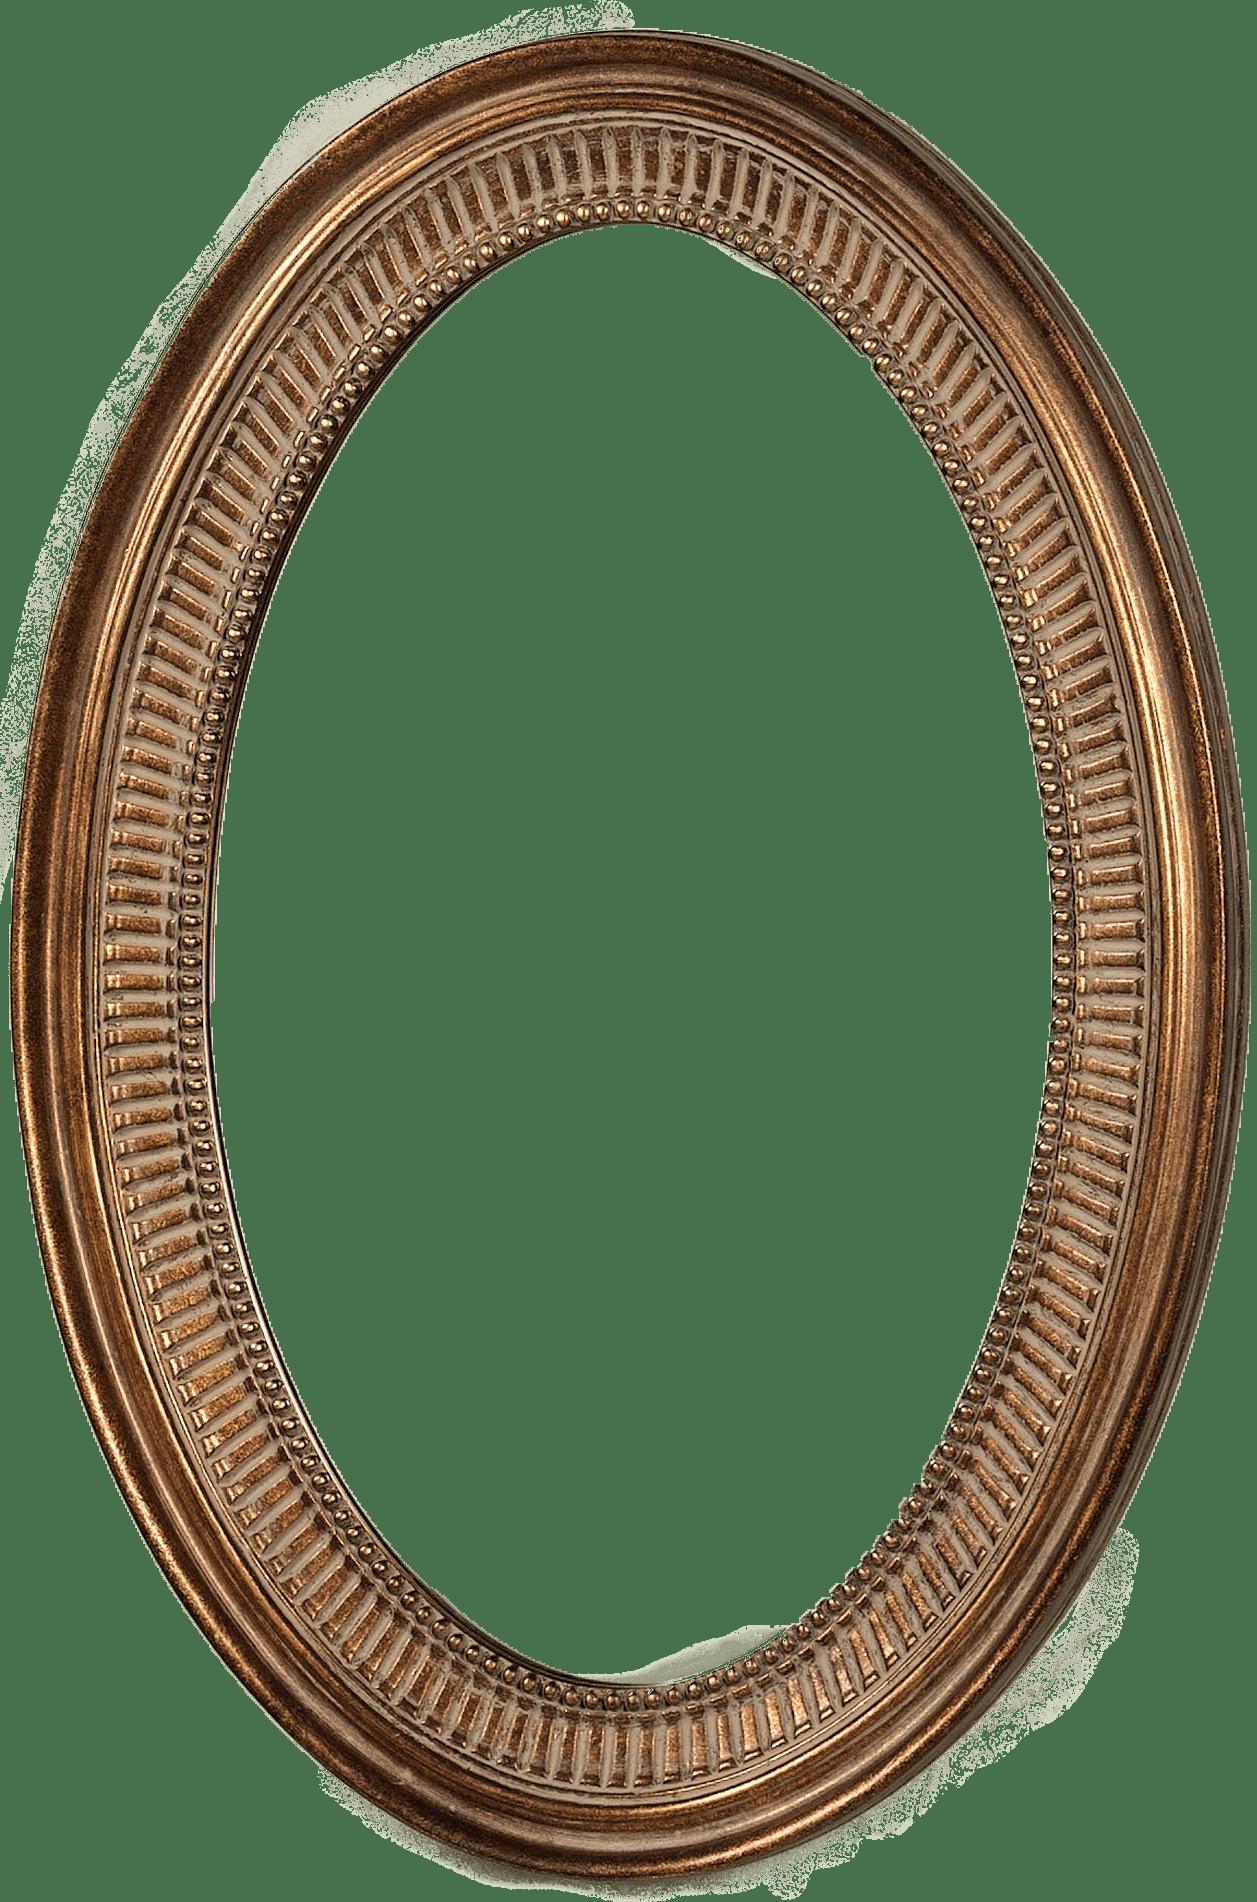 Oval frame png. Simple transparent stickpng